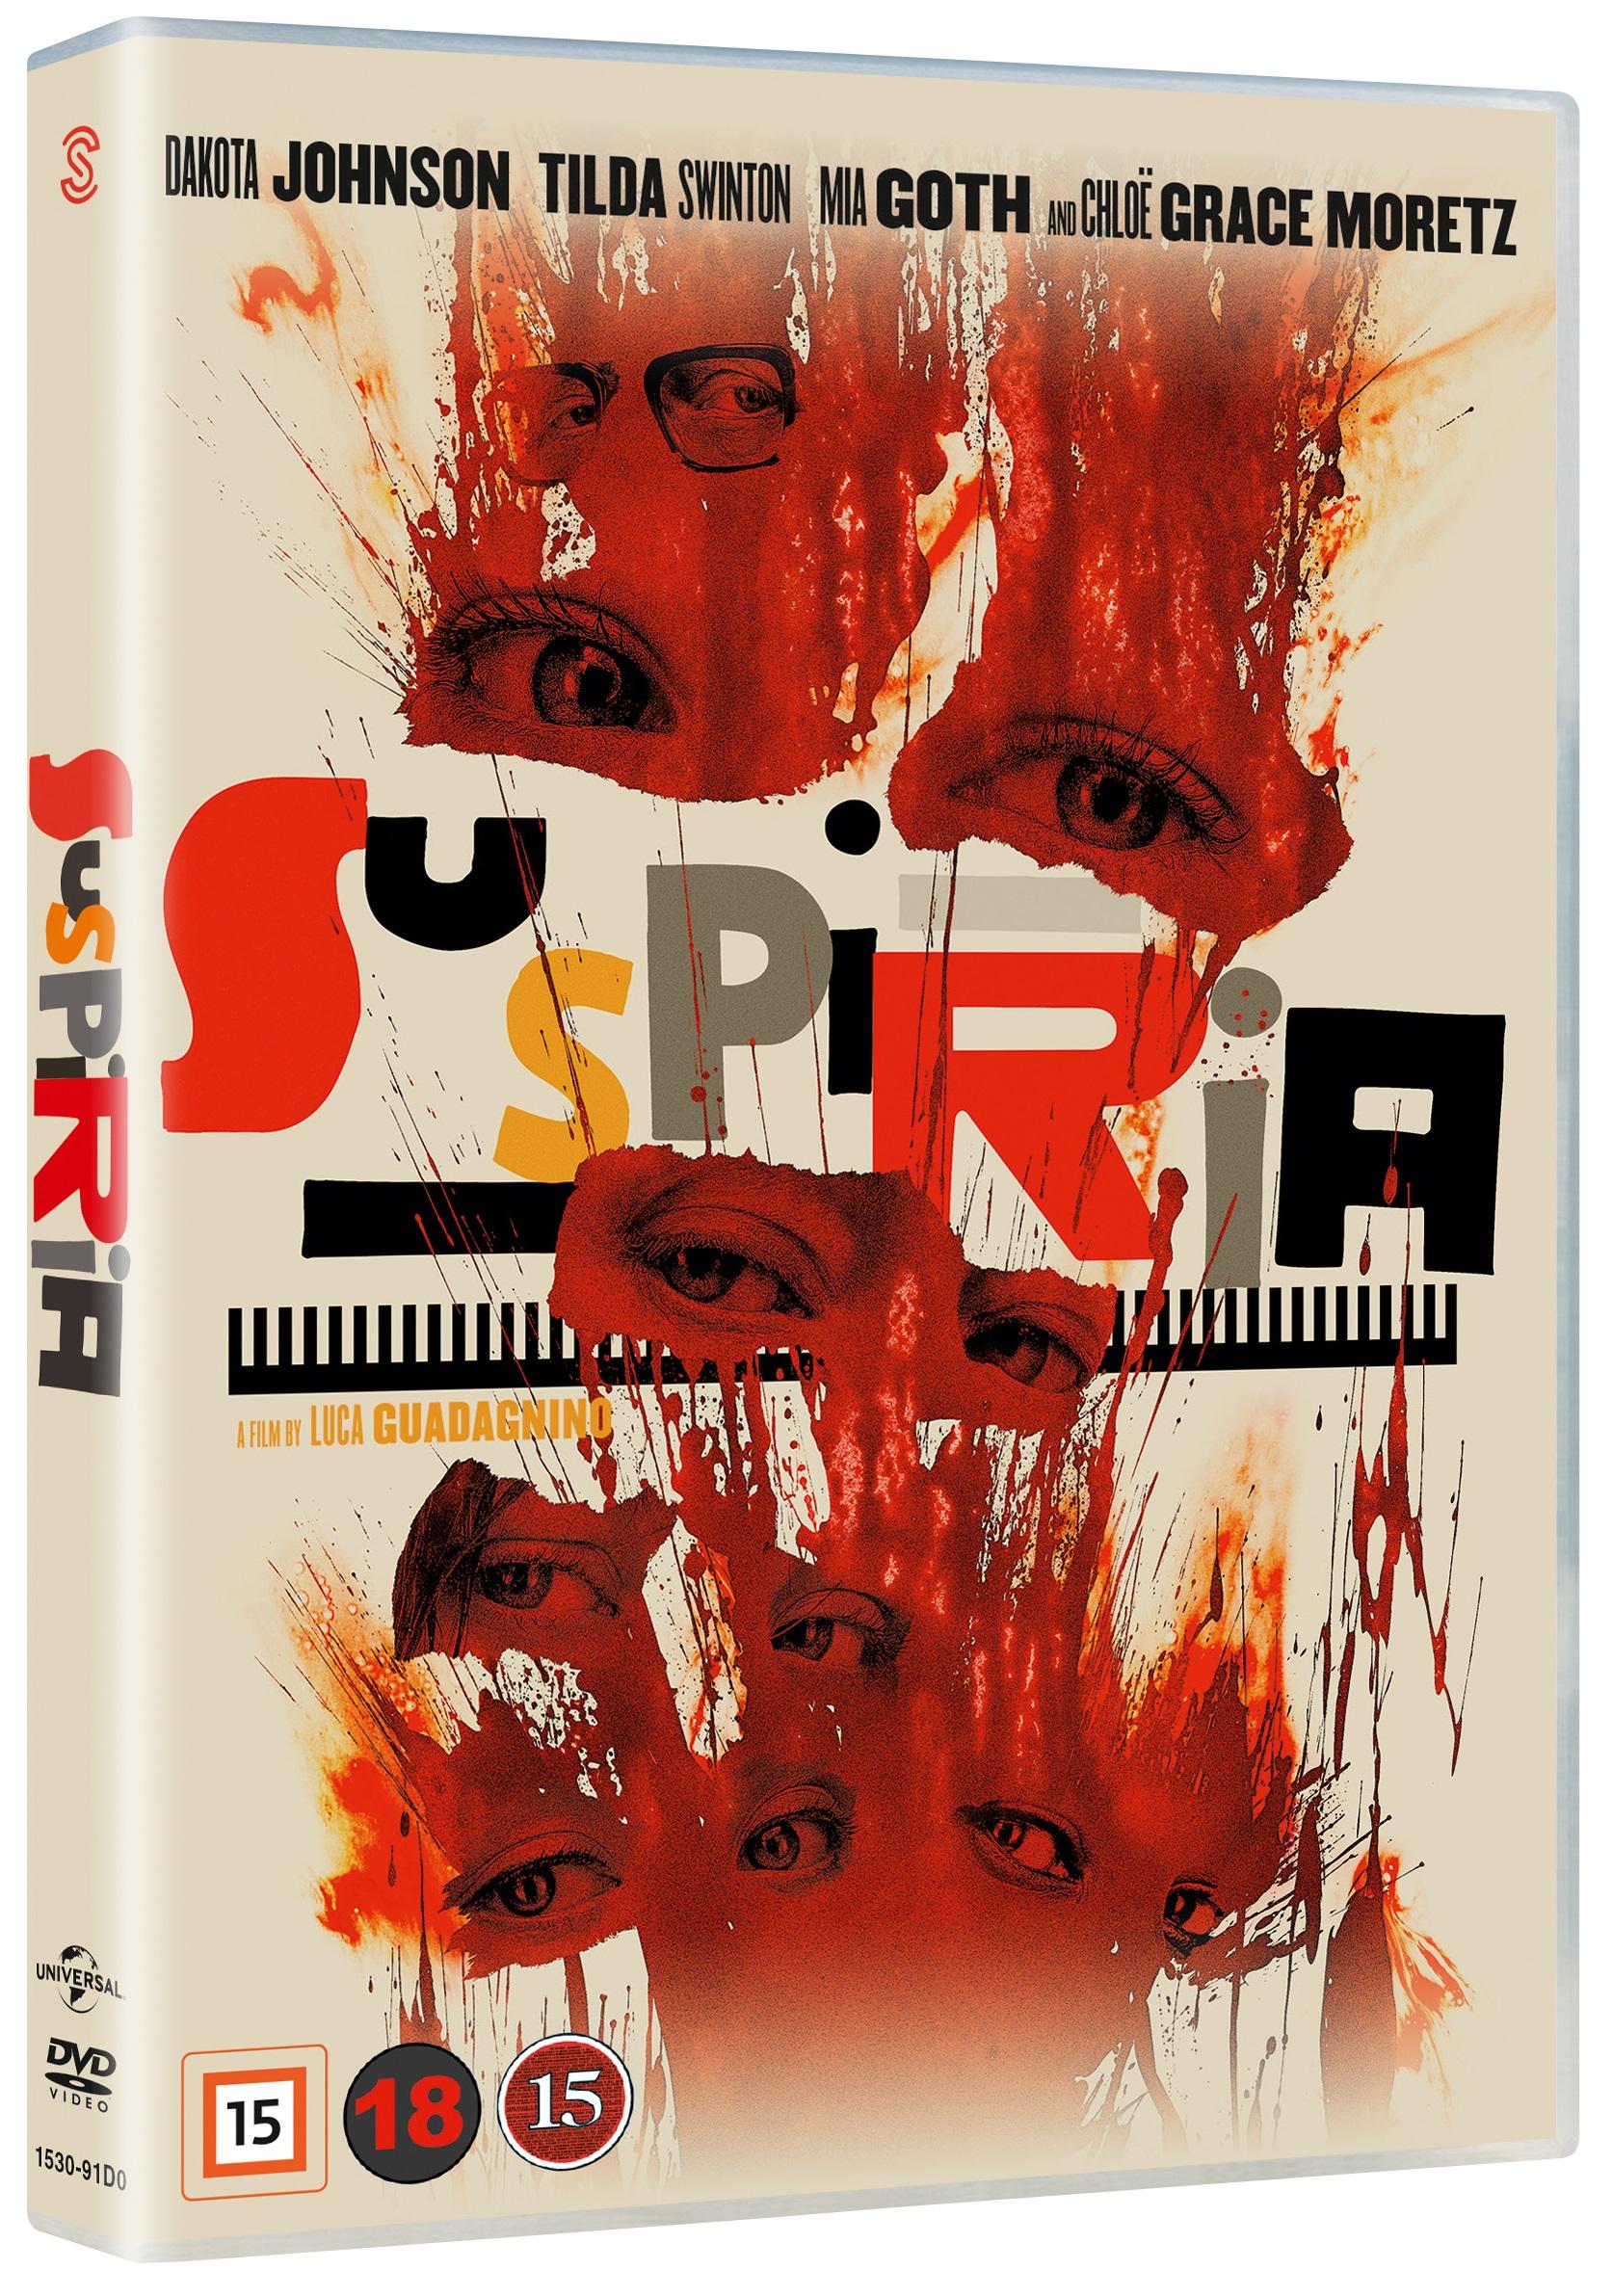 Suspiria -  - Film -  - 5706169001661 - Apr 4, 2019